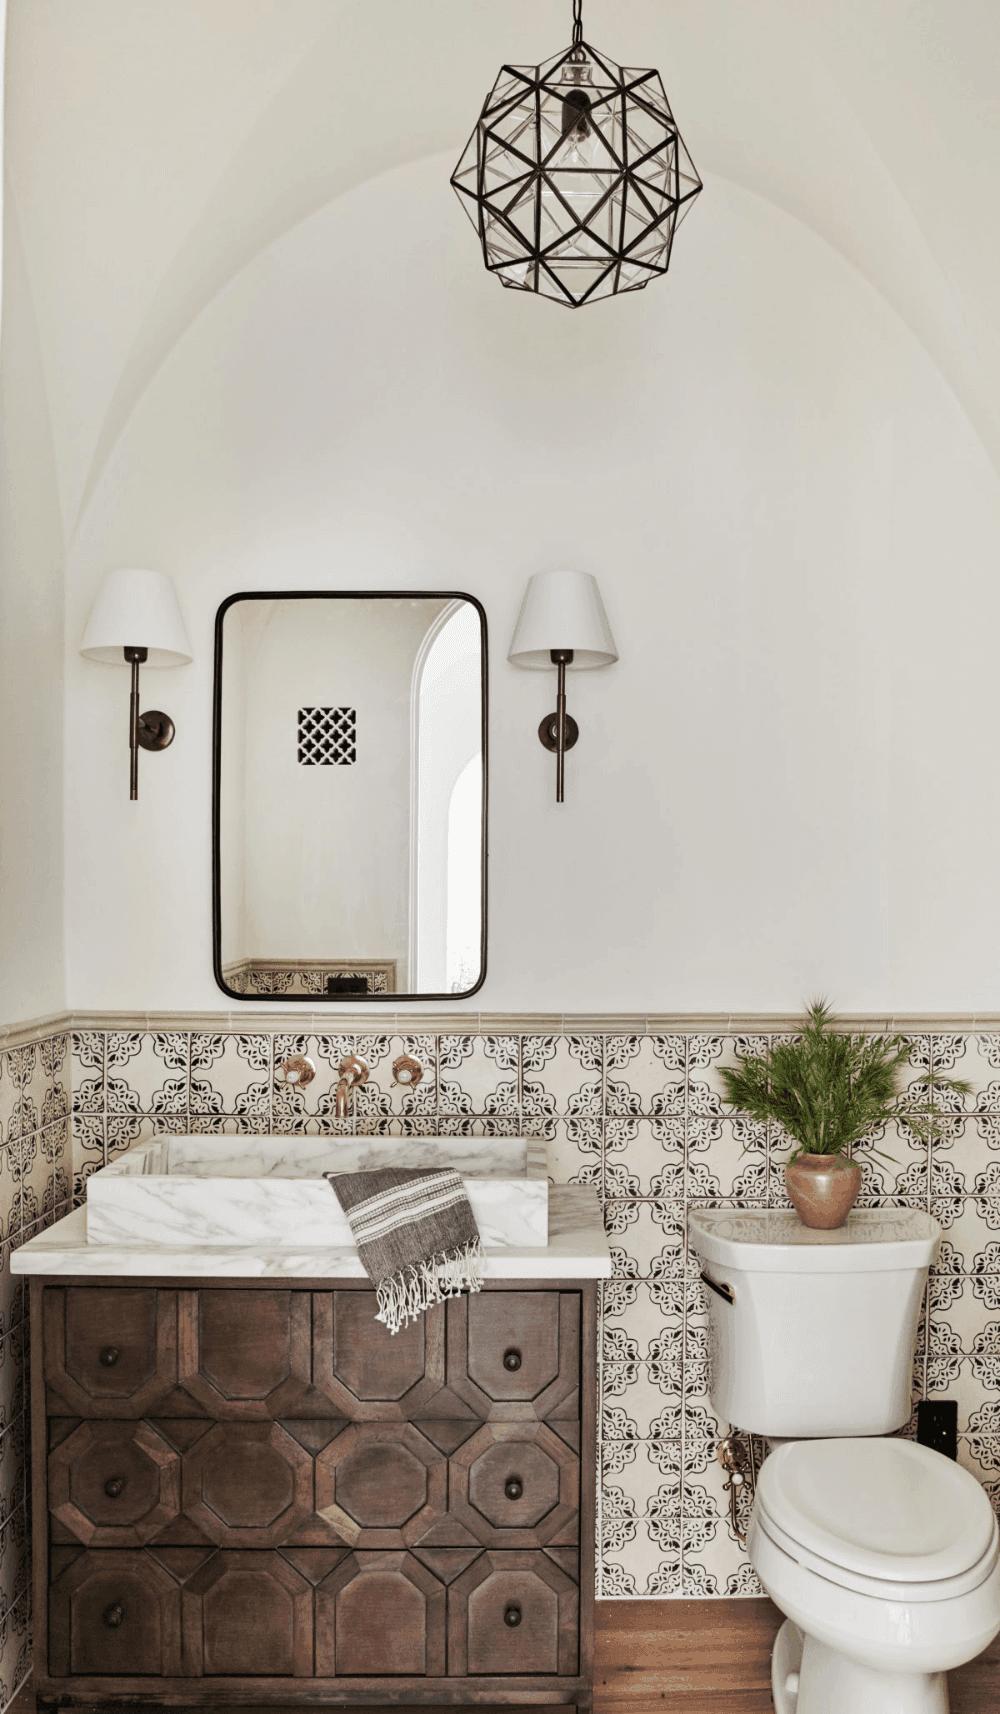 25 Stunning Shabby Chic Bathroom Designs That Will Adore You - Def327F0Ff3640141Ff5F46A1Bd8849A